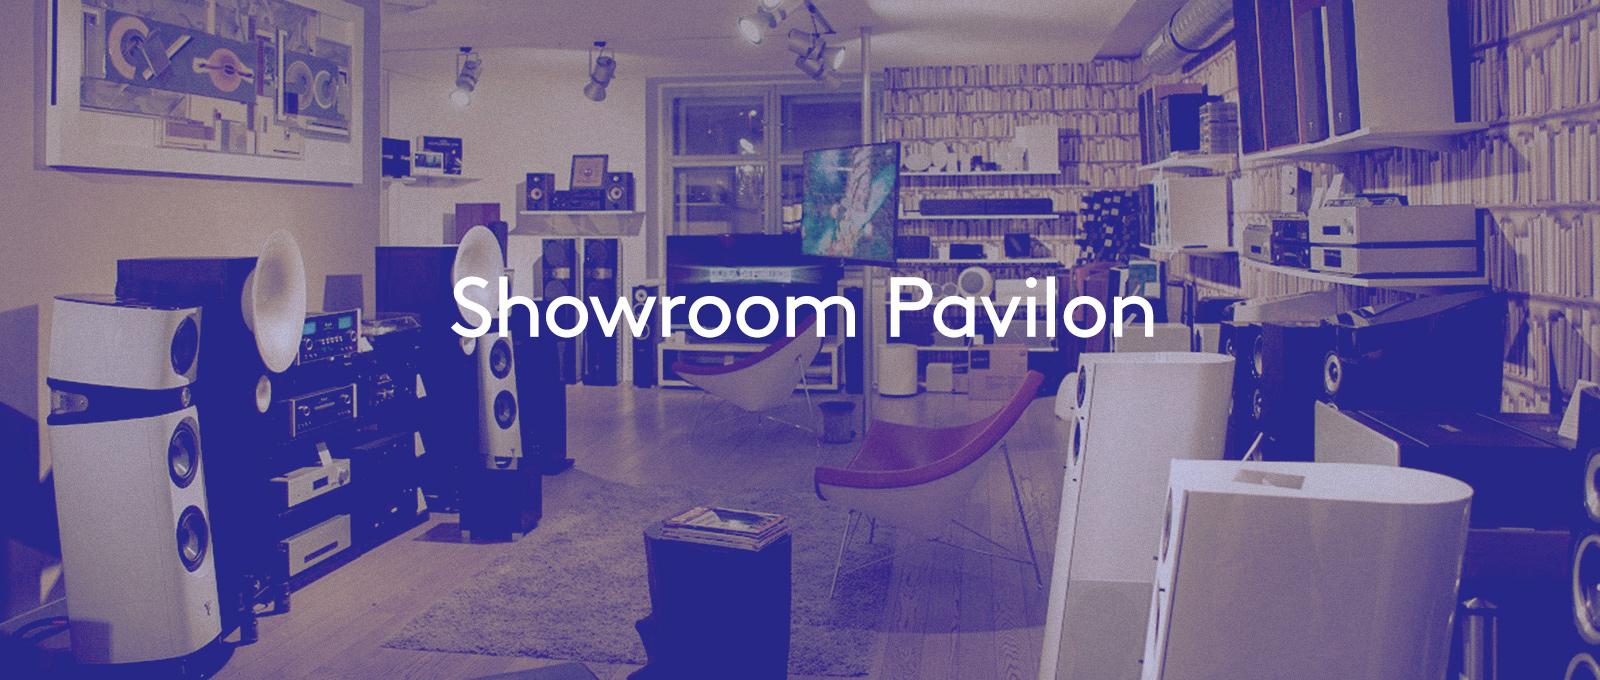 showroom-headline